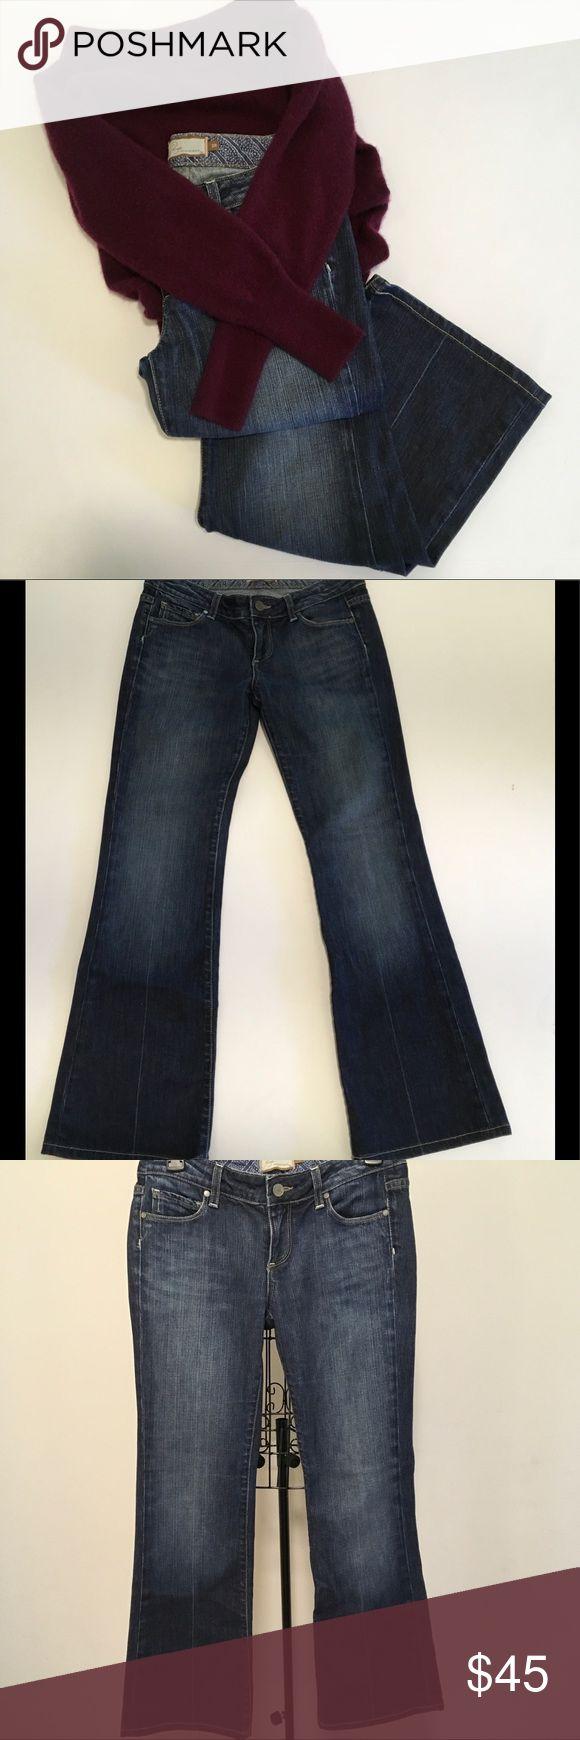 """🆕List! 💋Paige Premium Denim Jeans💋 Paige premium denim """"Laurel Canyon"""" jeans. low rise. boot cut. RN27002, CA51217, CUT201692, STYLE0102-0001, COLOR WC053. Inseam 29"""". Excellent condition. Paige Jeans Jeans Boot Cut"""